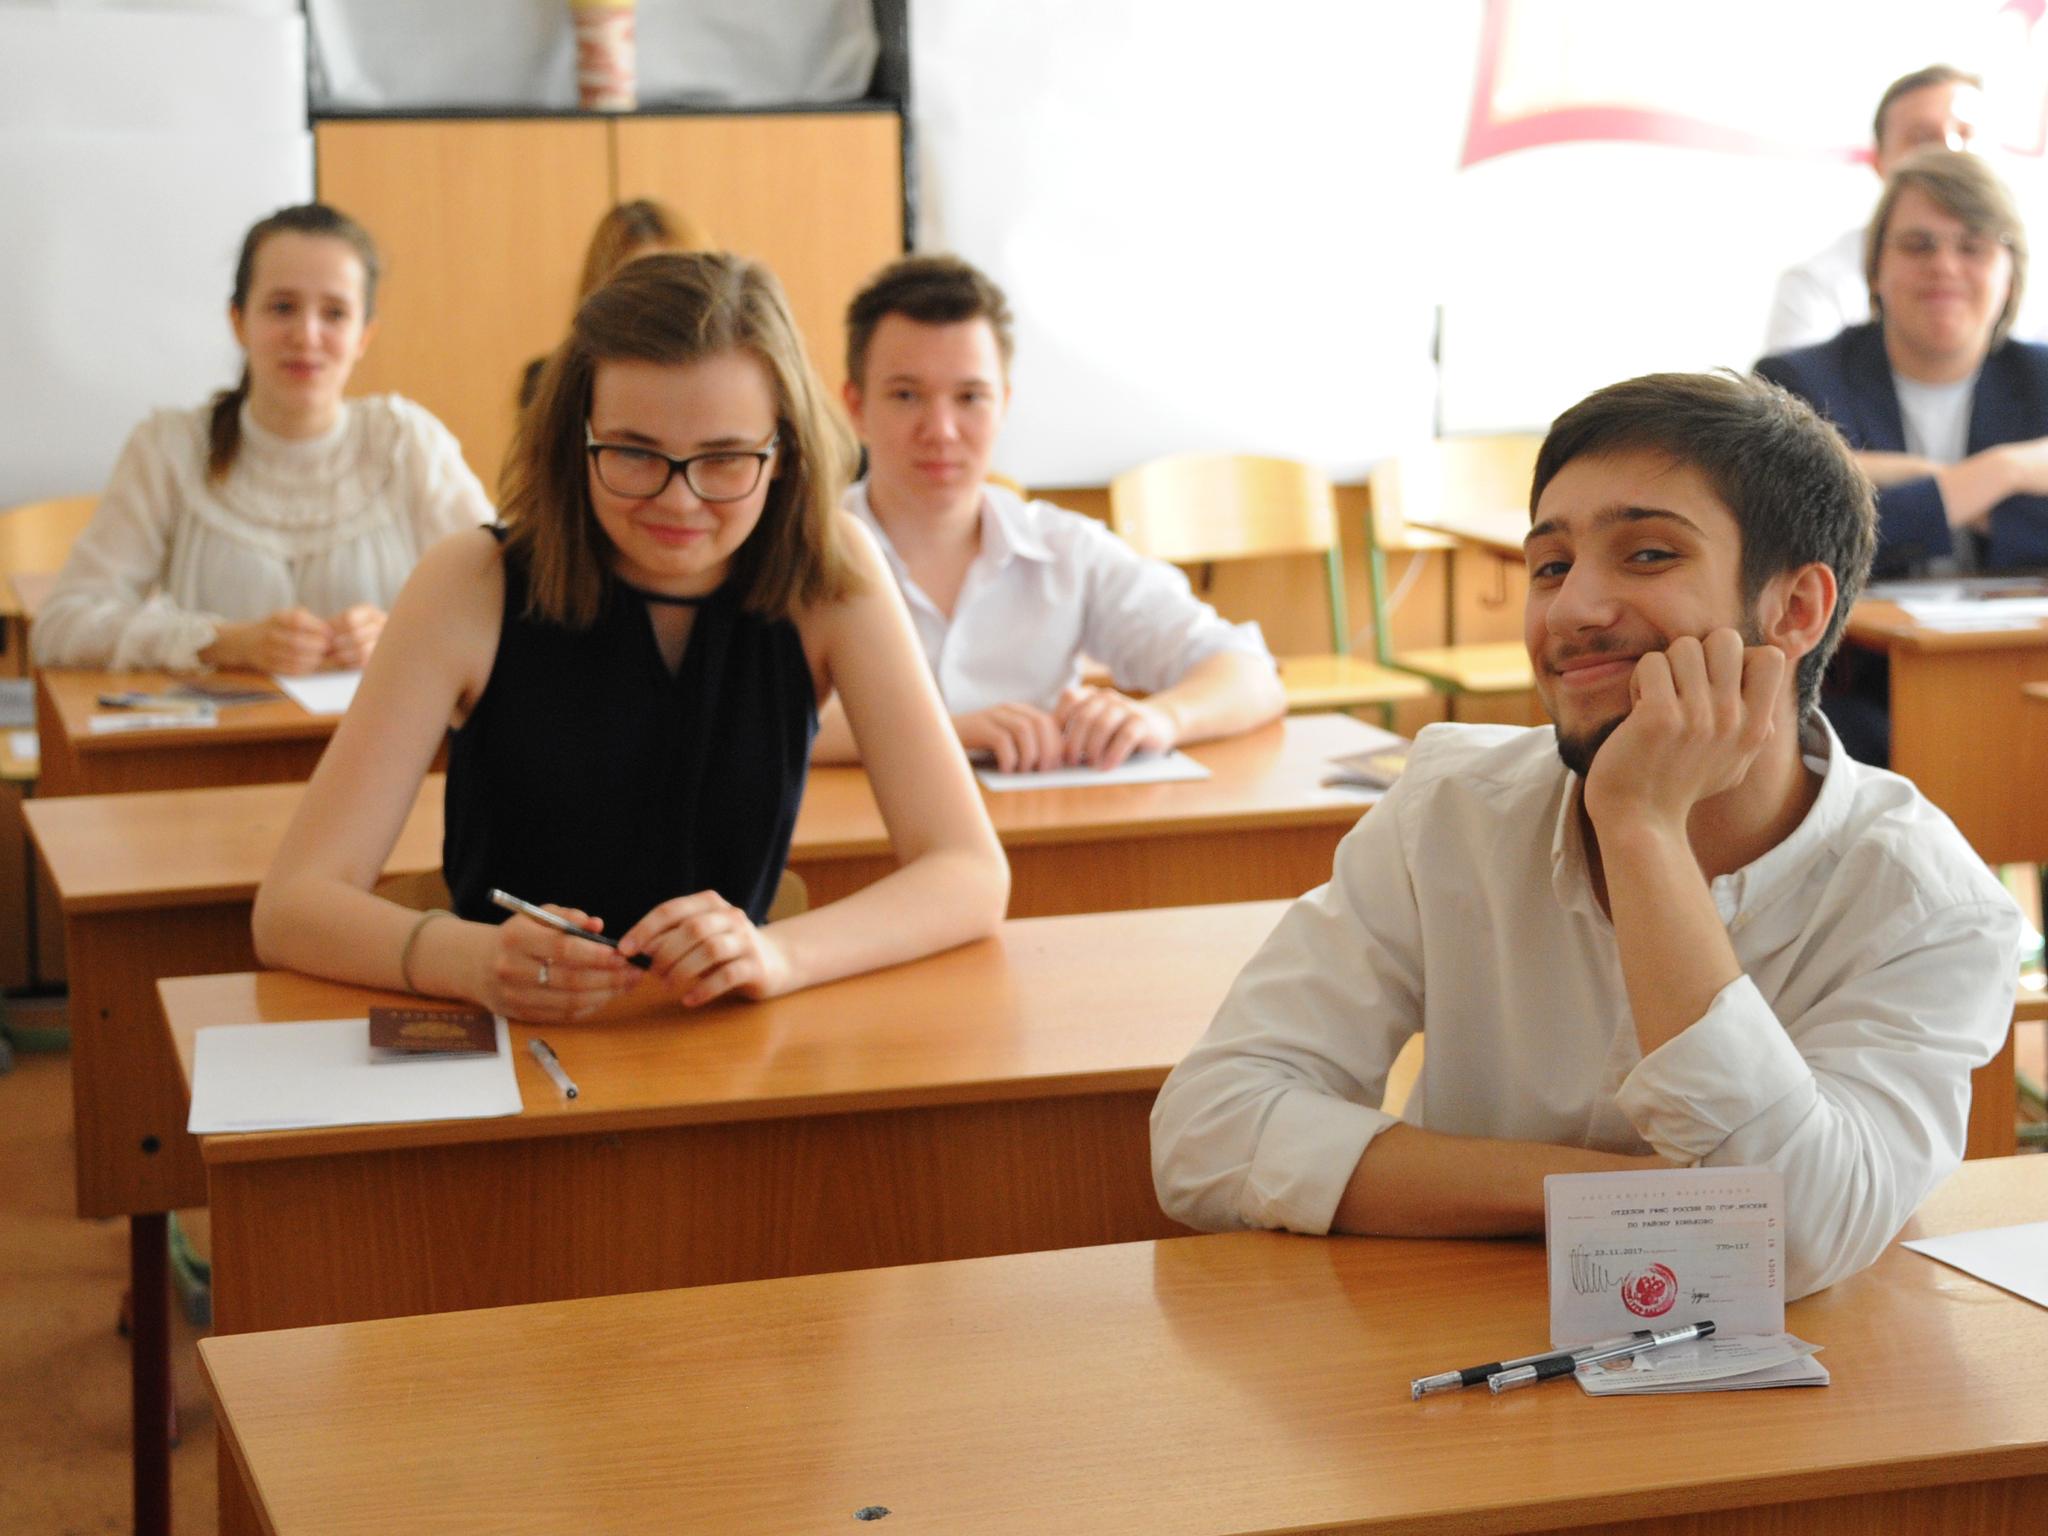 За первый месяц учебного года оценки в МЭШ проверяли 934 тыс москвичей. Фото: архив